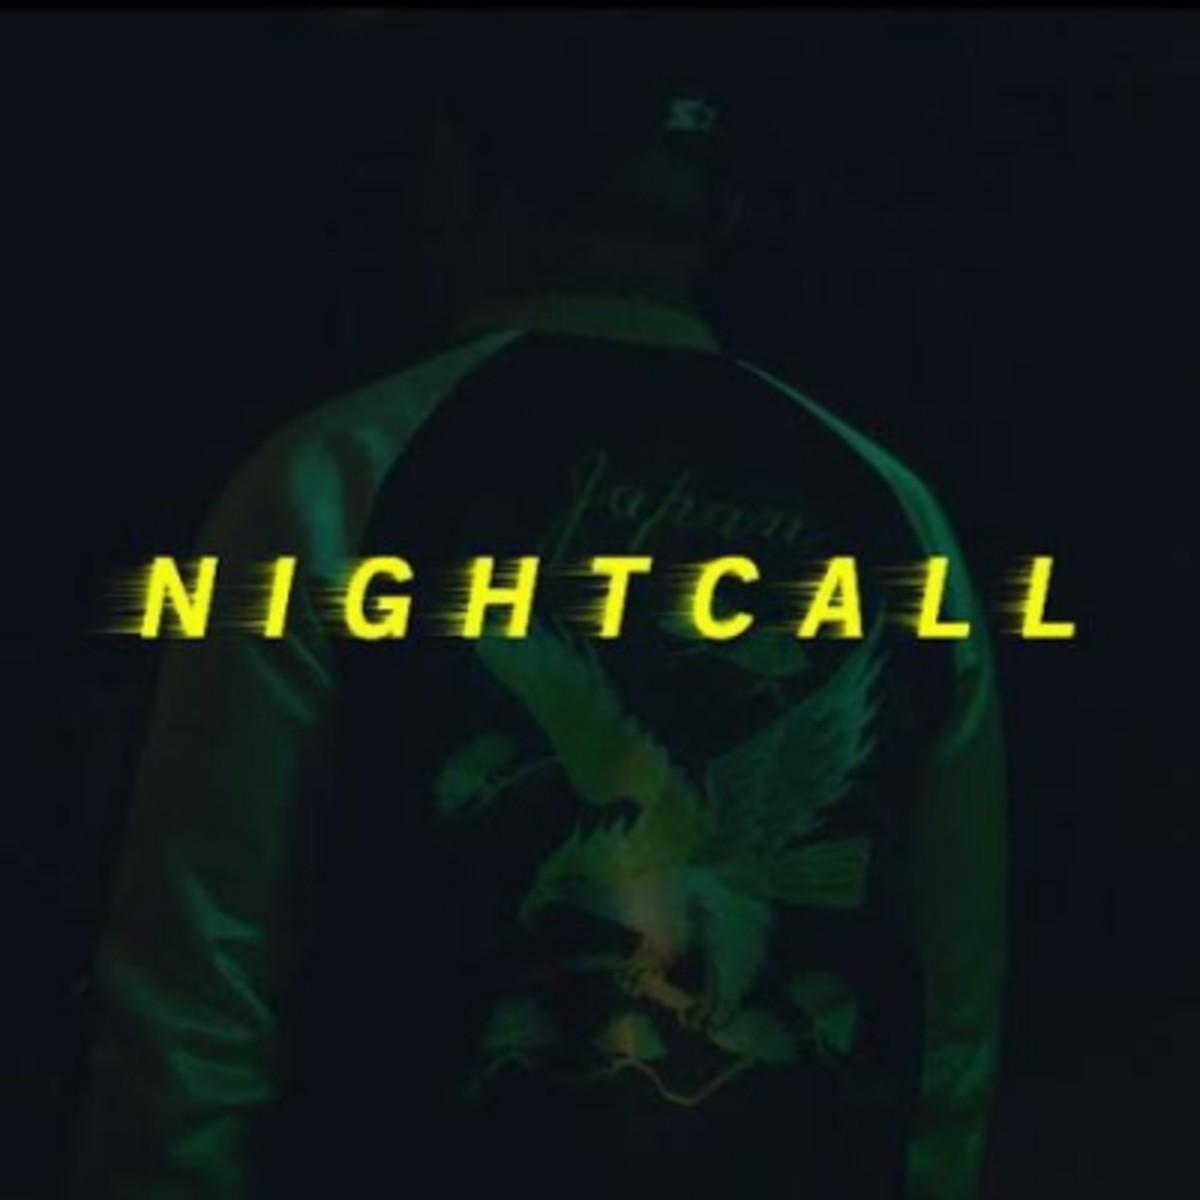 holt-nightcall.jpg